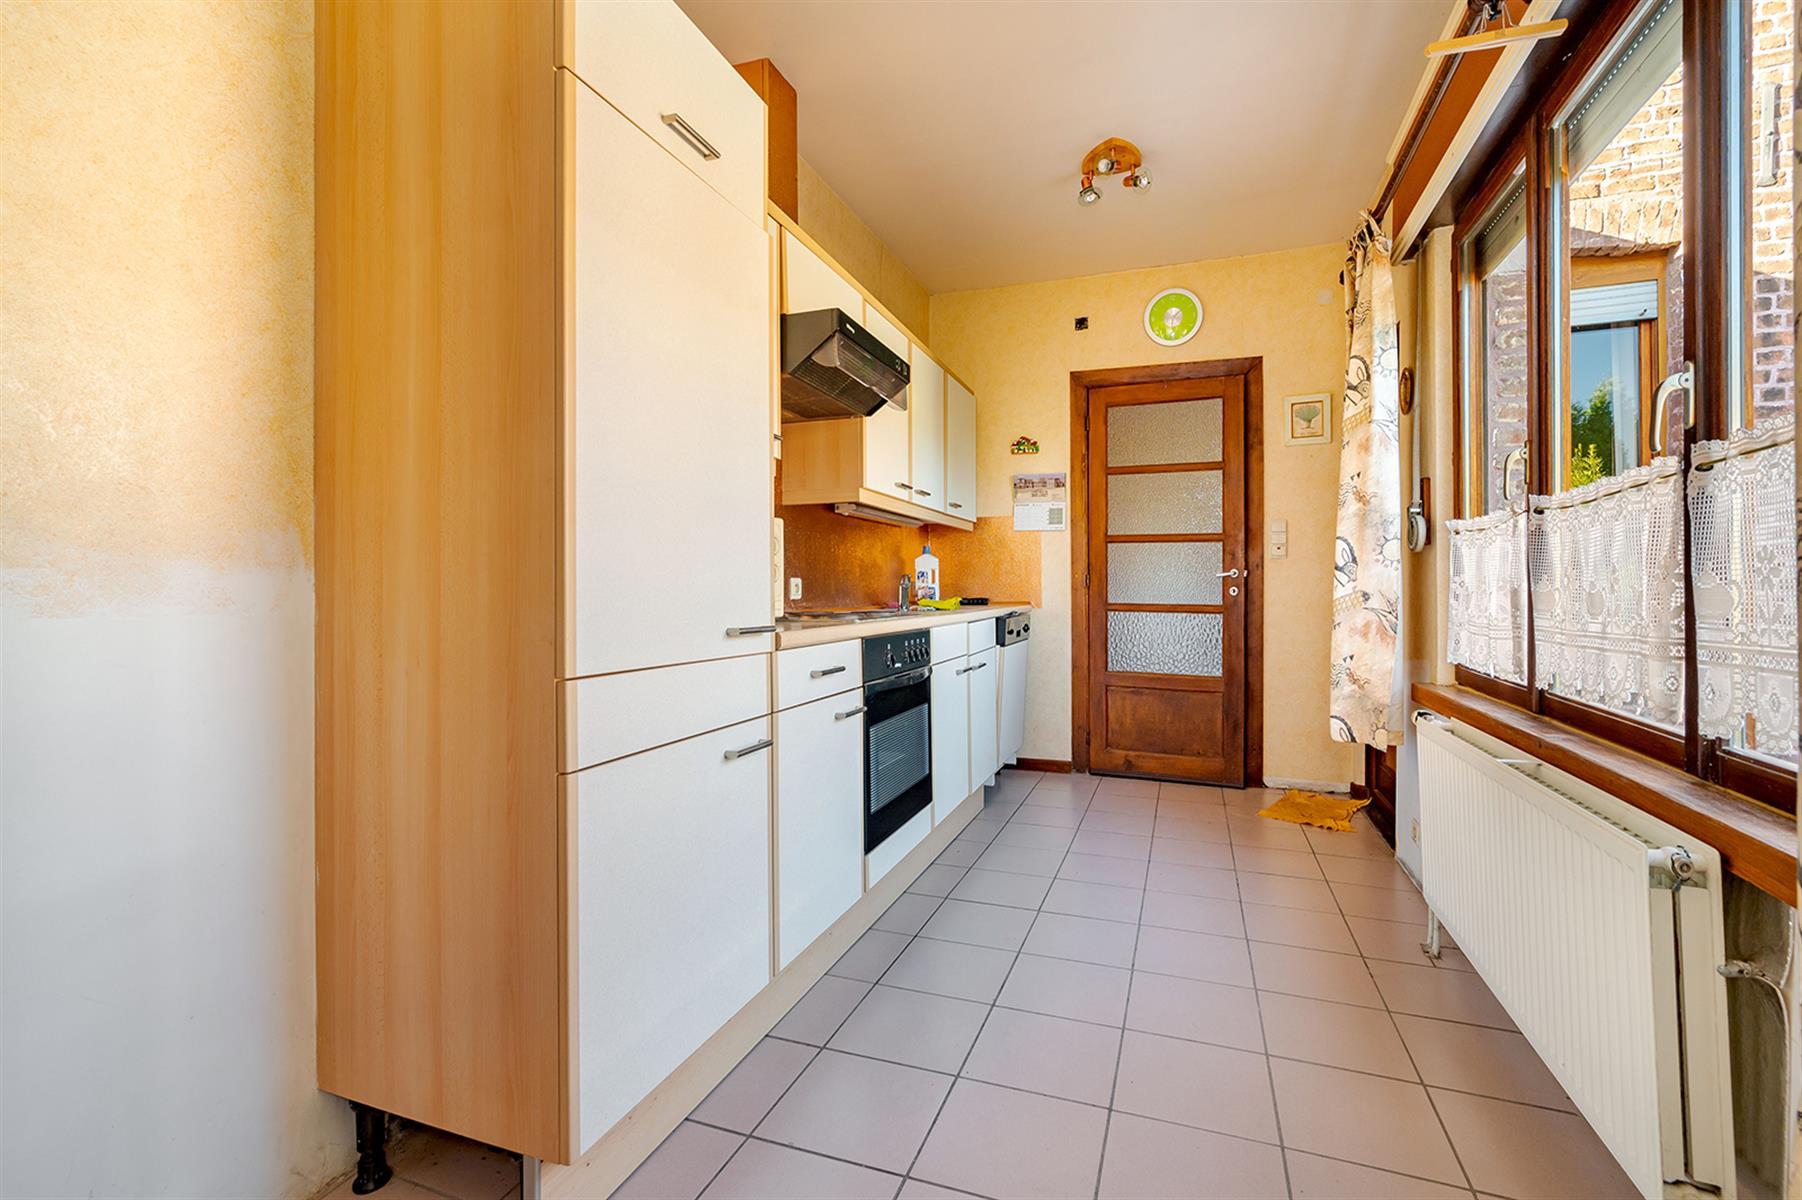 Maison - Fexhele-Haut-Clocher Voroux-Goreux - #4214944-9